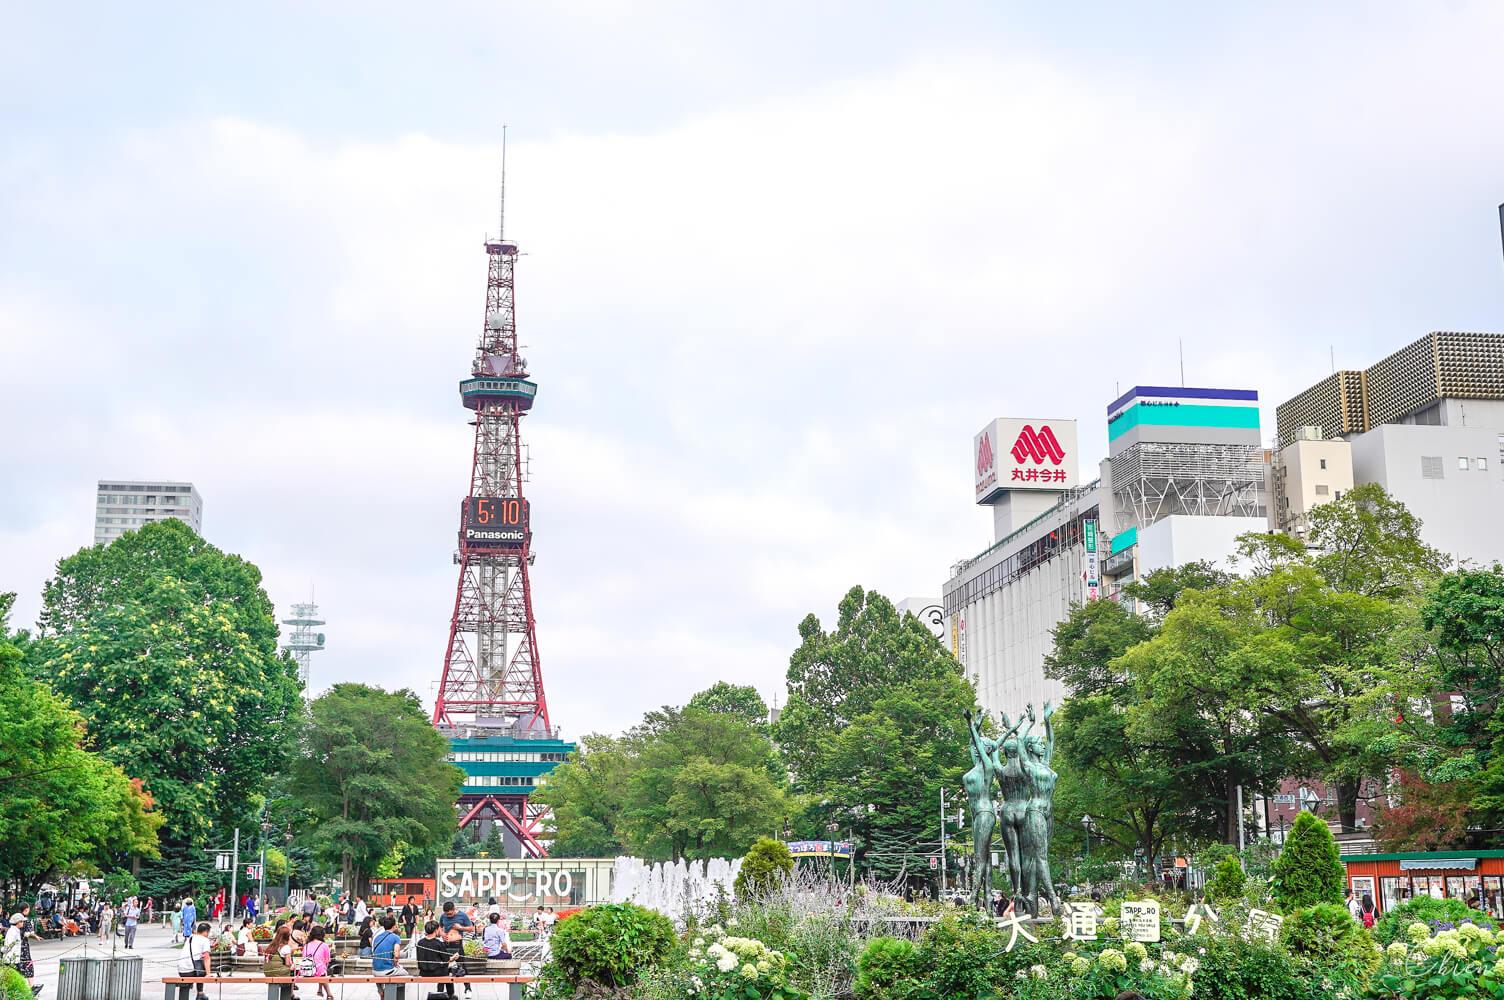 【北海道札幌】大通公園、札幌電視塔 夏日祭典